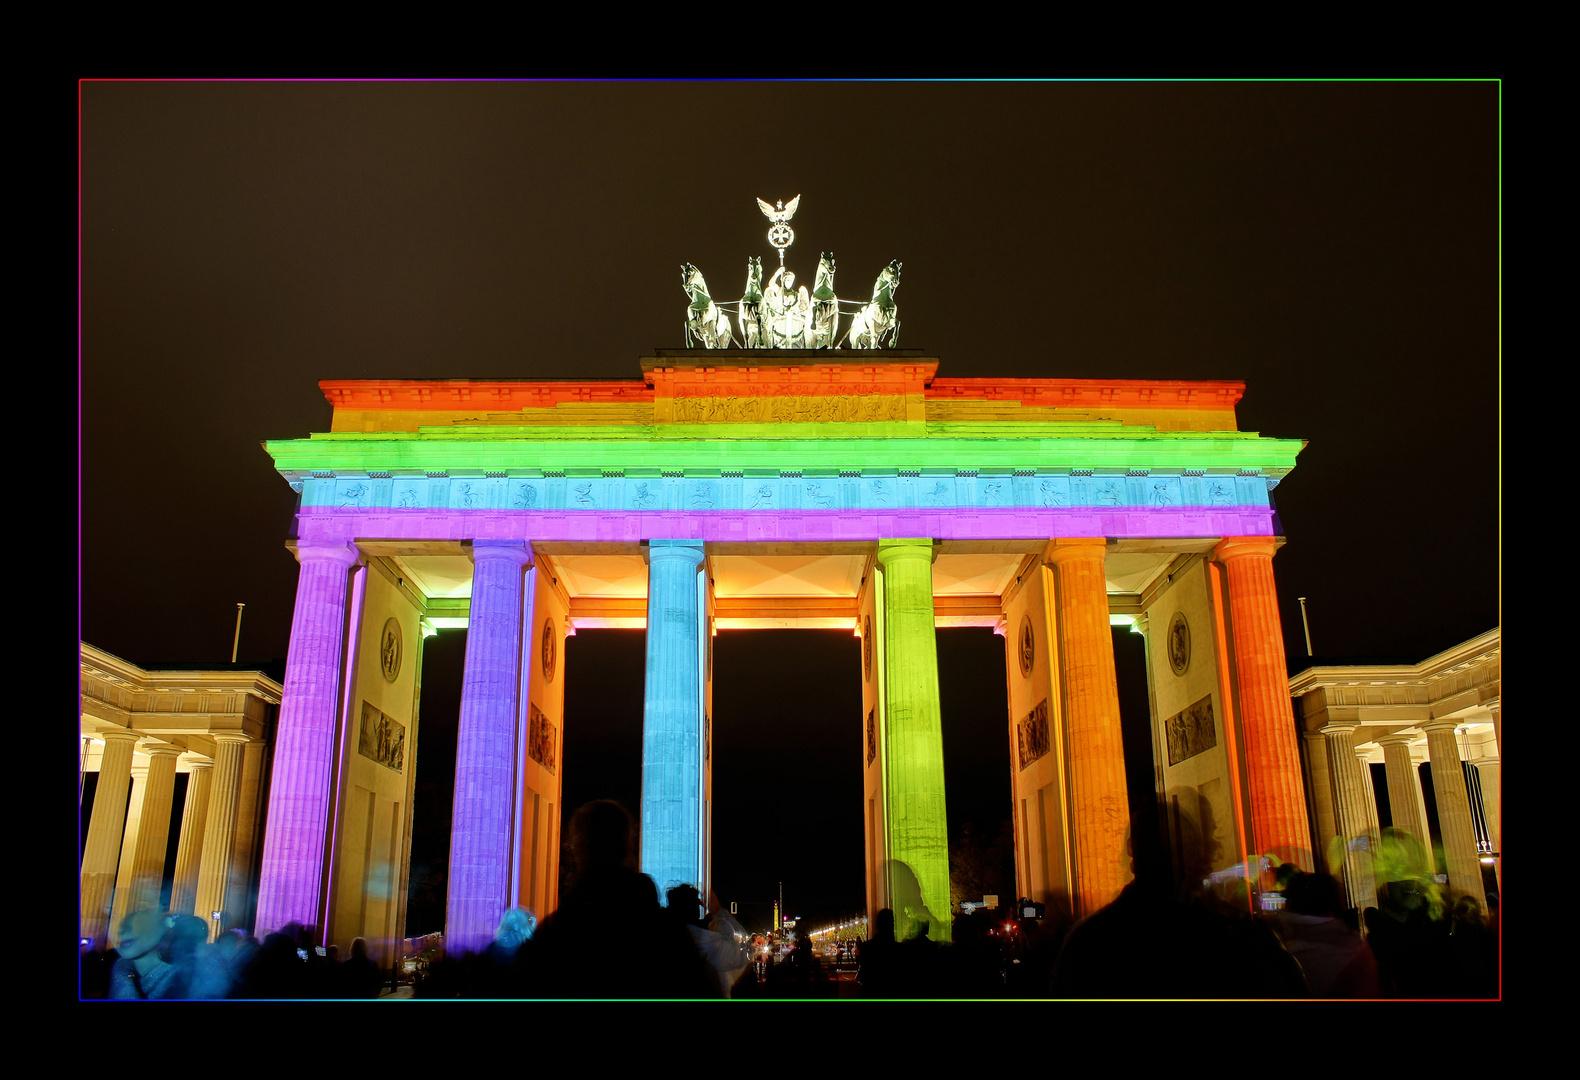 Festival of Lights • Brandenburger Tor